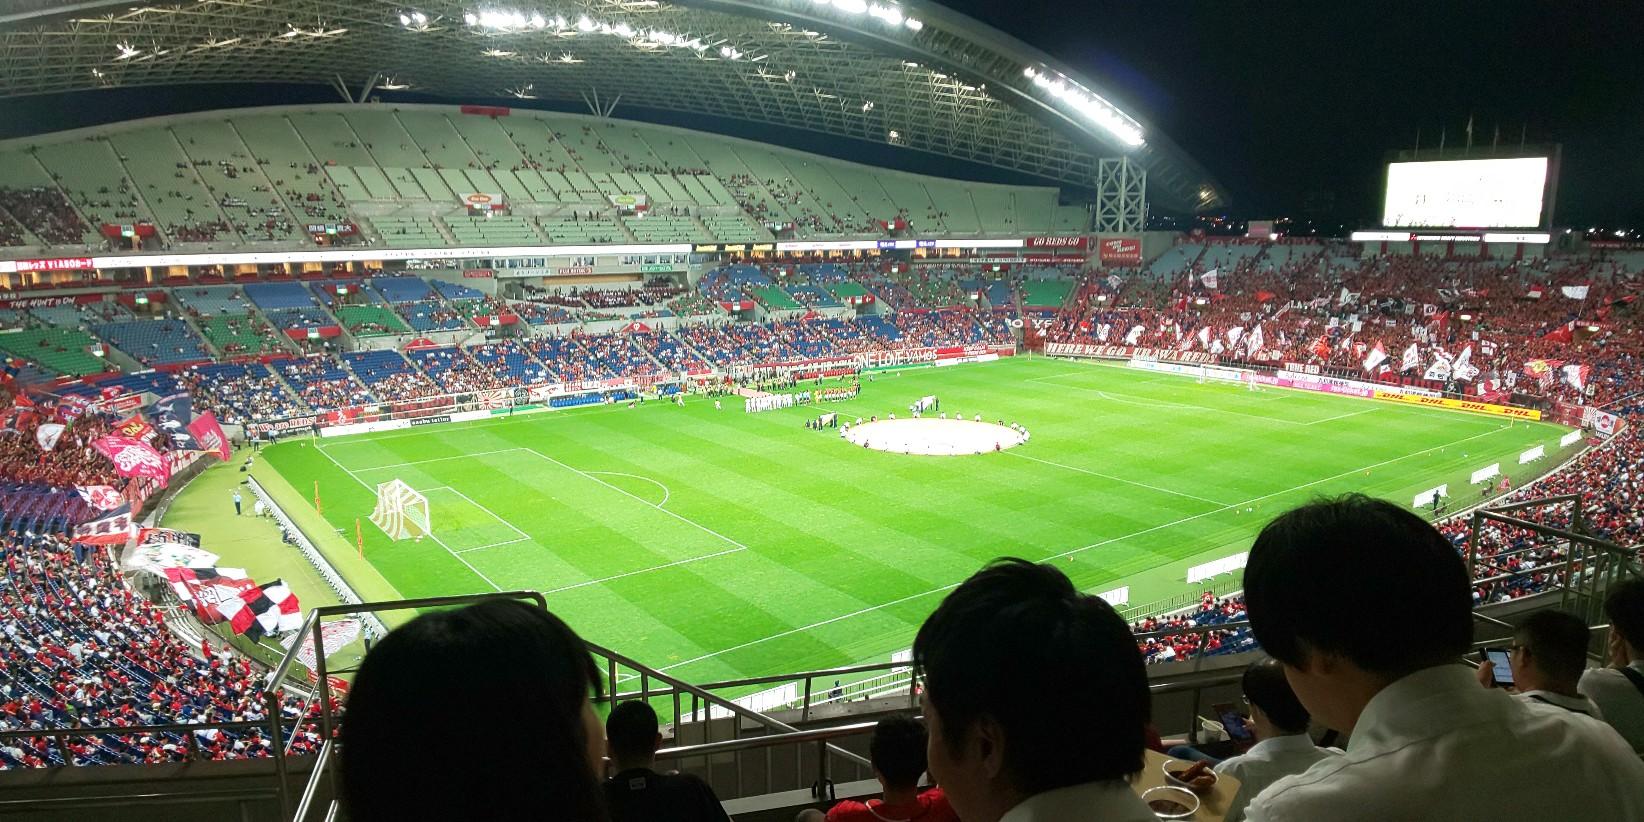 ルヴァンカップ鹿島アントラーズ戦(埼スタ)